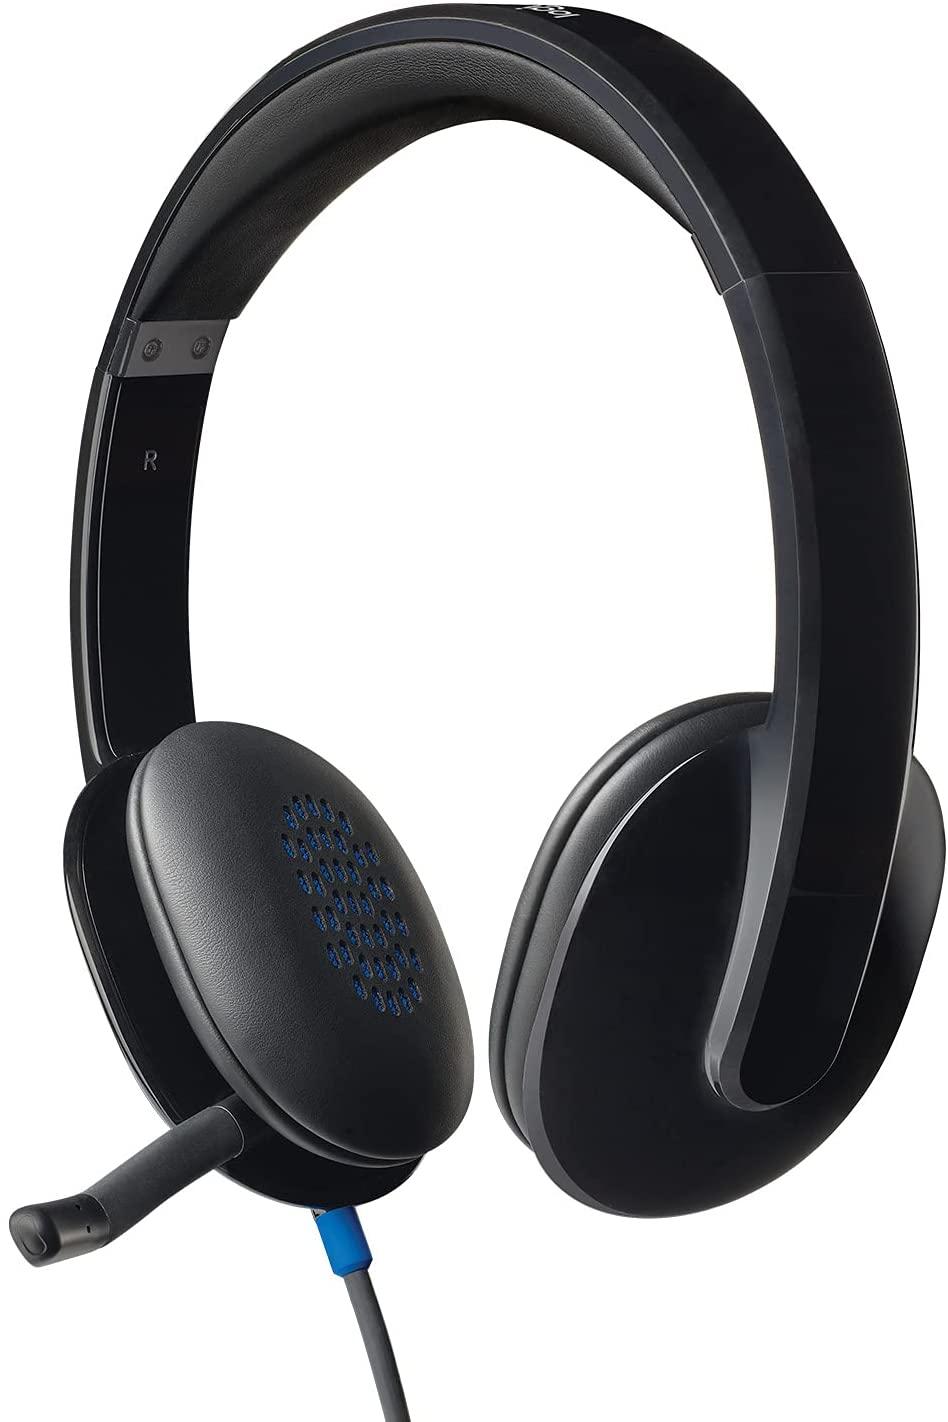 still of Logitech H540 headset